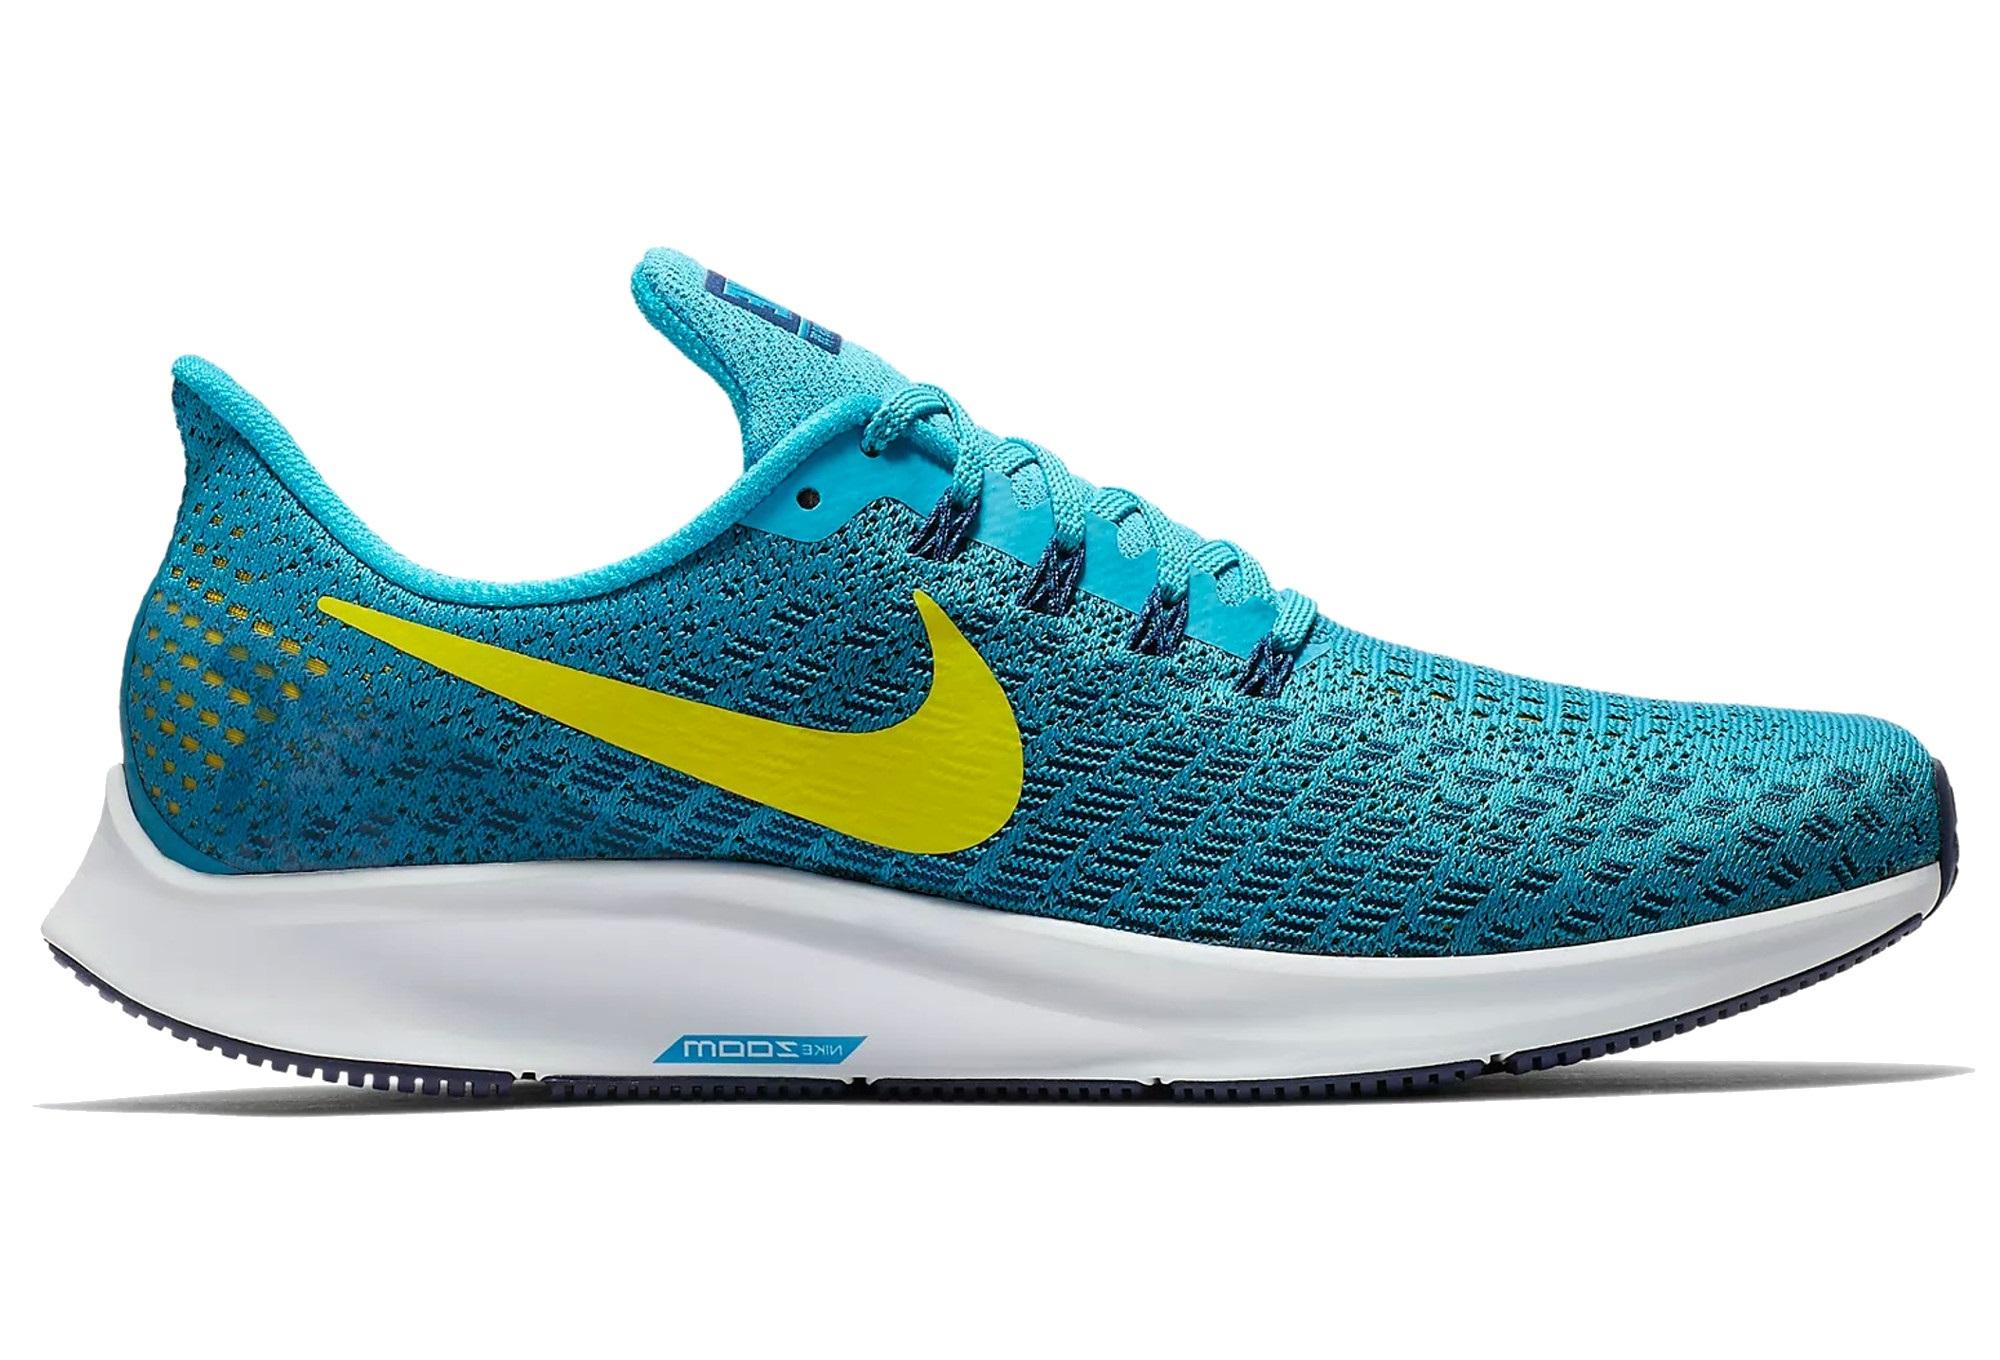 df6036eeac55a Zapatillas Nike Air Zoom Pegasus 35 para Hombre Azul